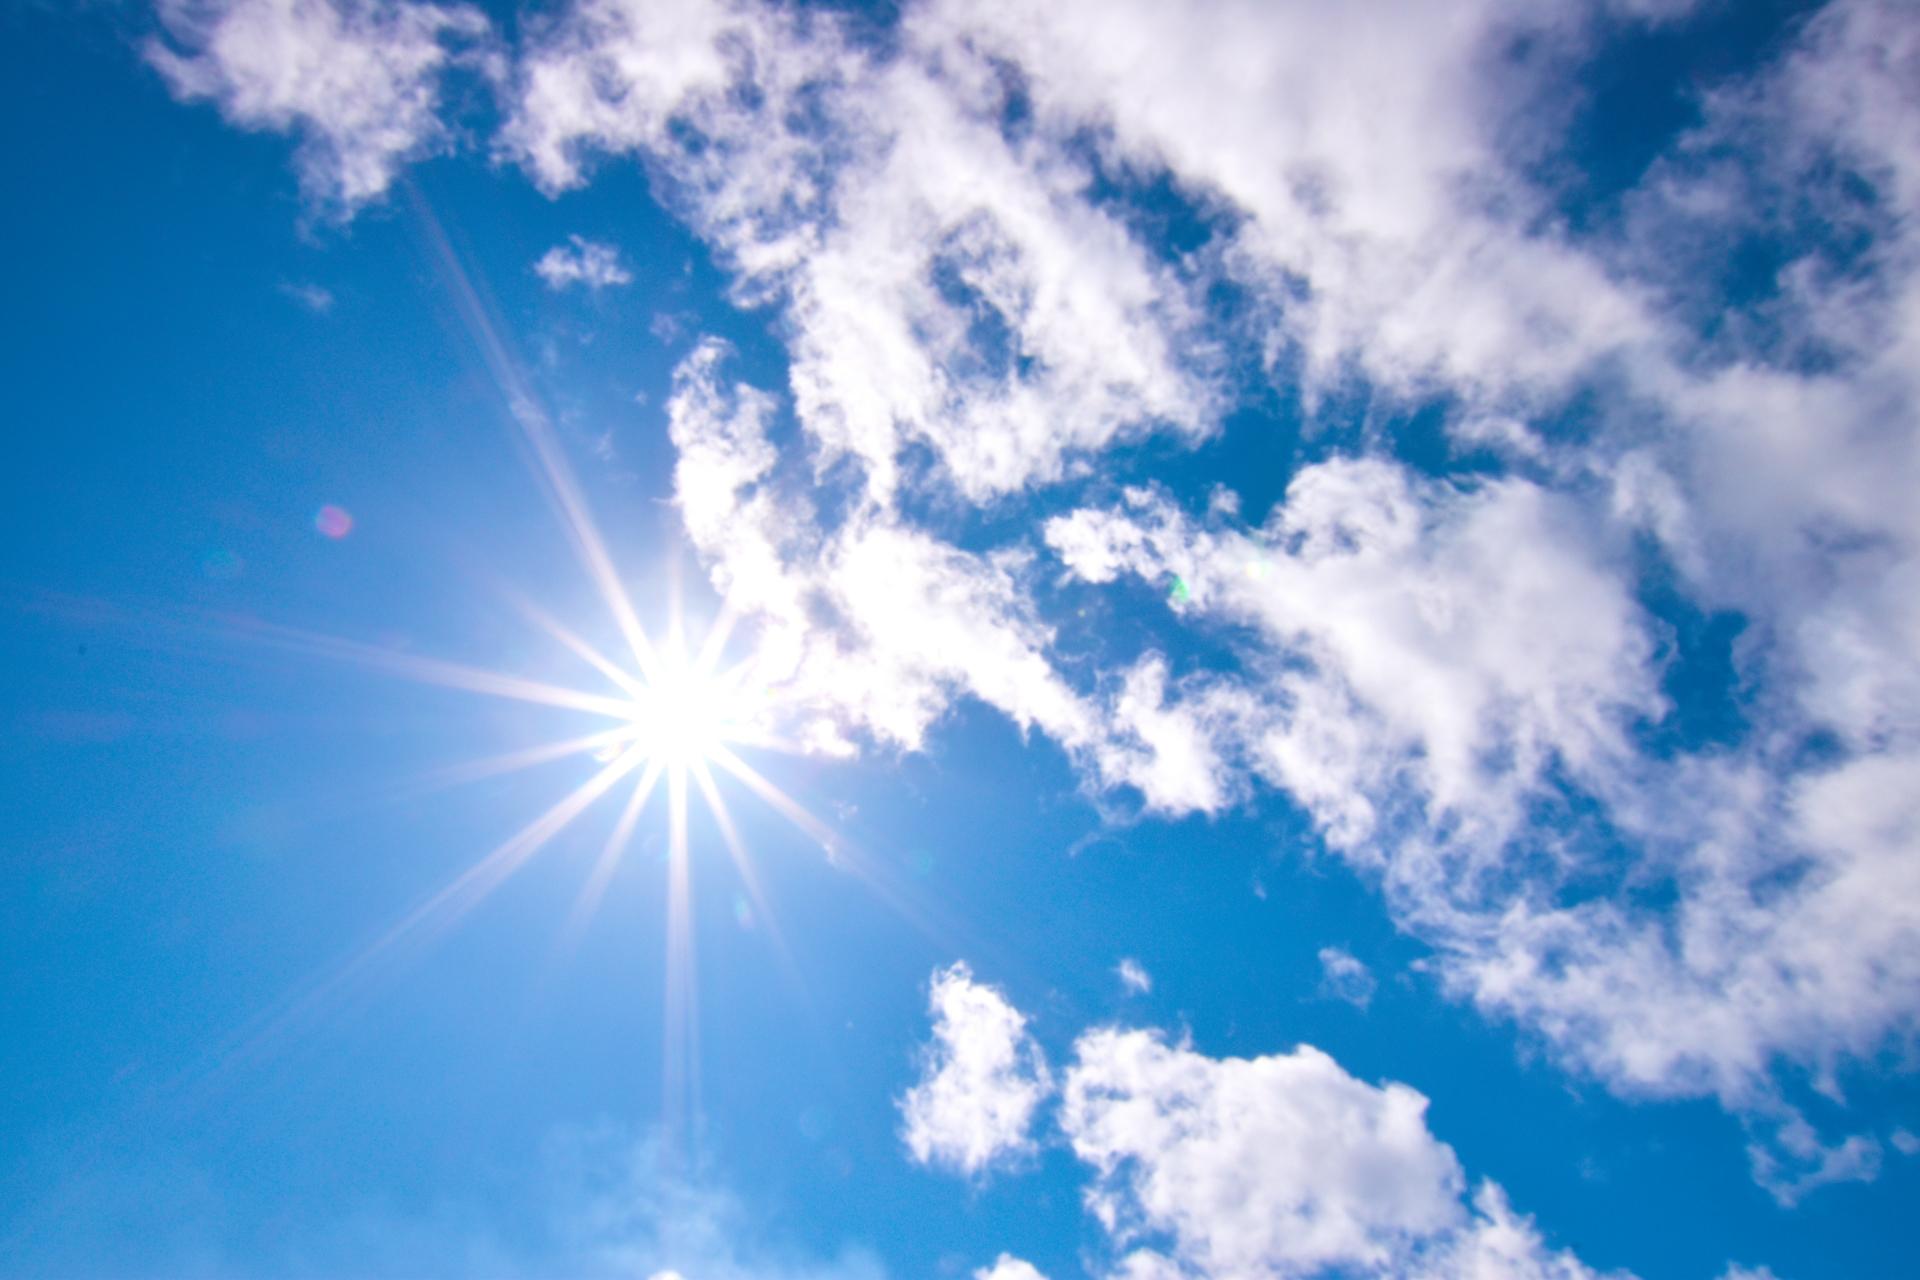 夏場は車内温度に注意!効率的に温度を下げる方法を紹介 | マジオ ...